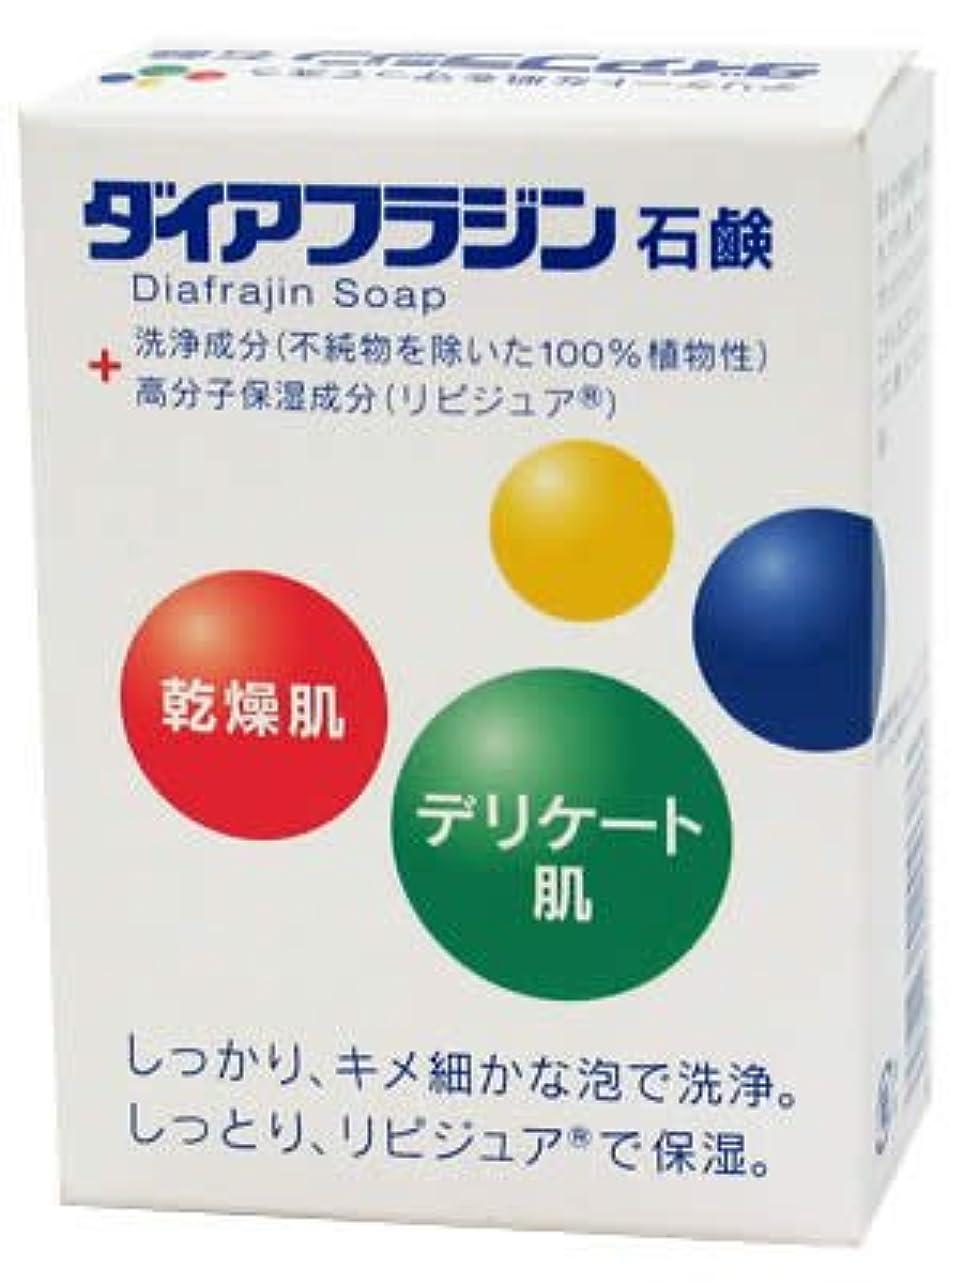 ダイアフラジン石鹸 75g×1個入